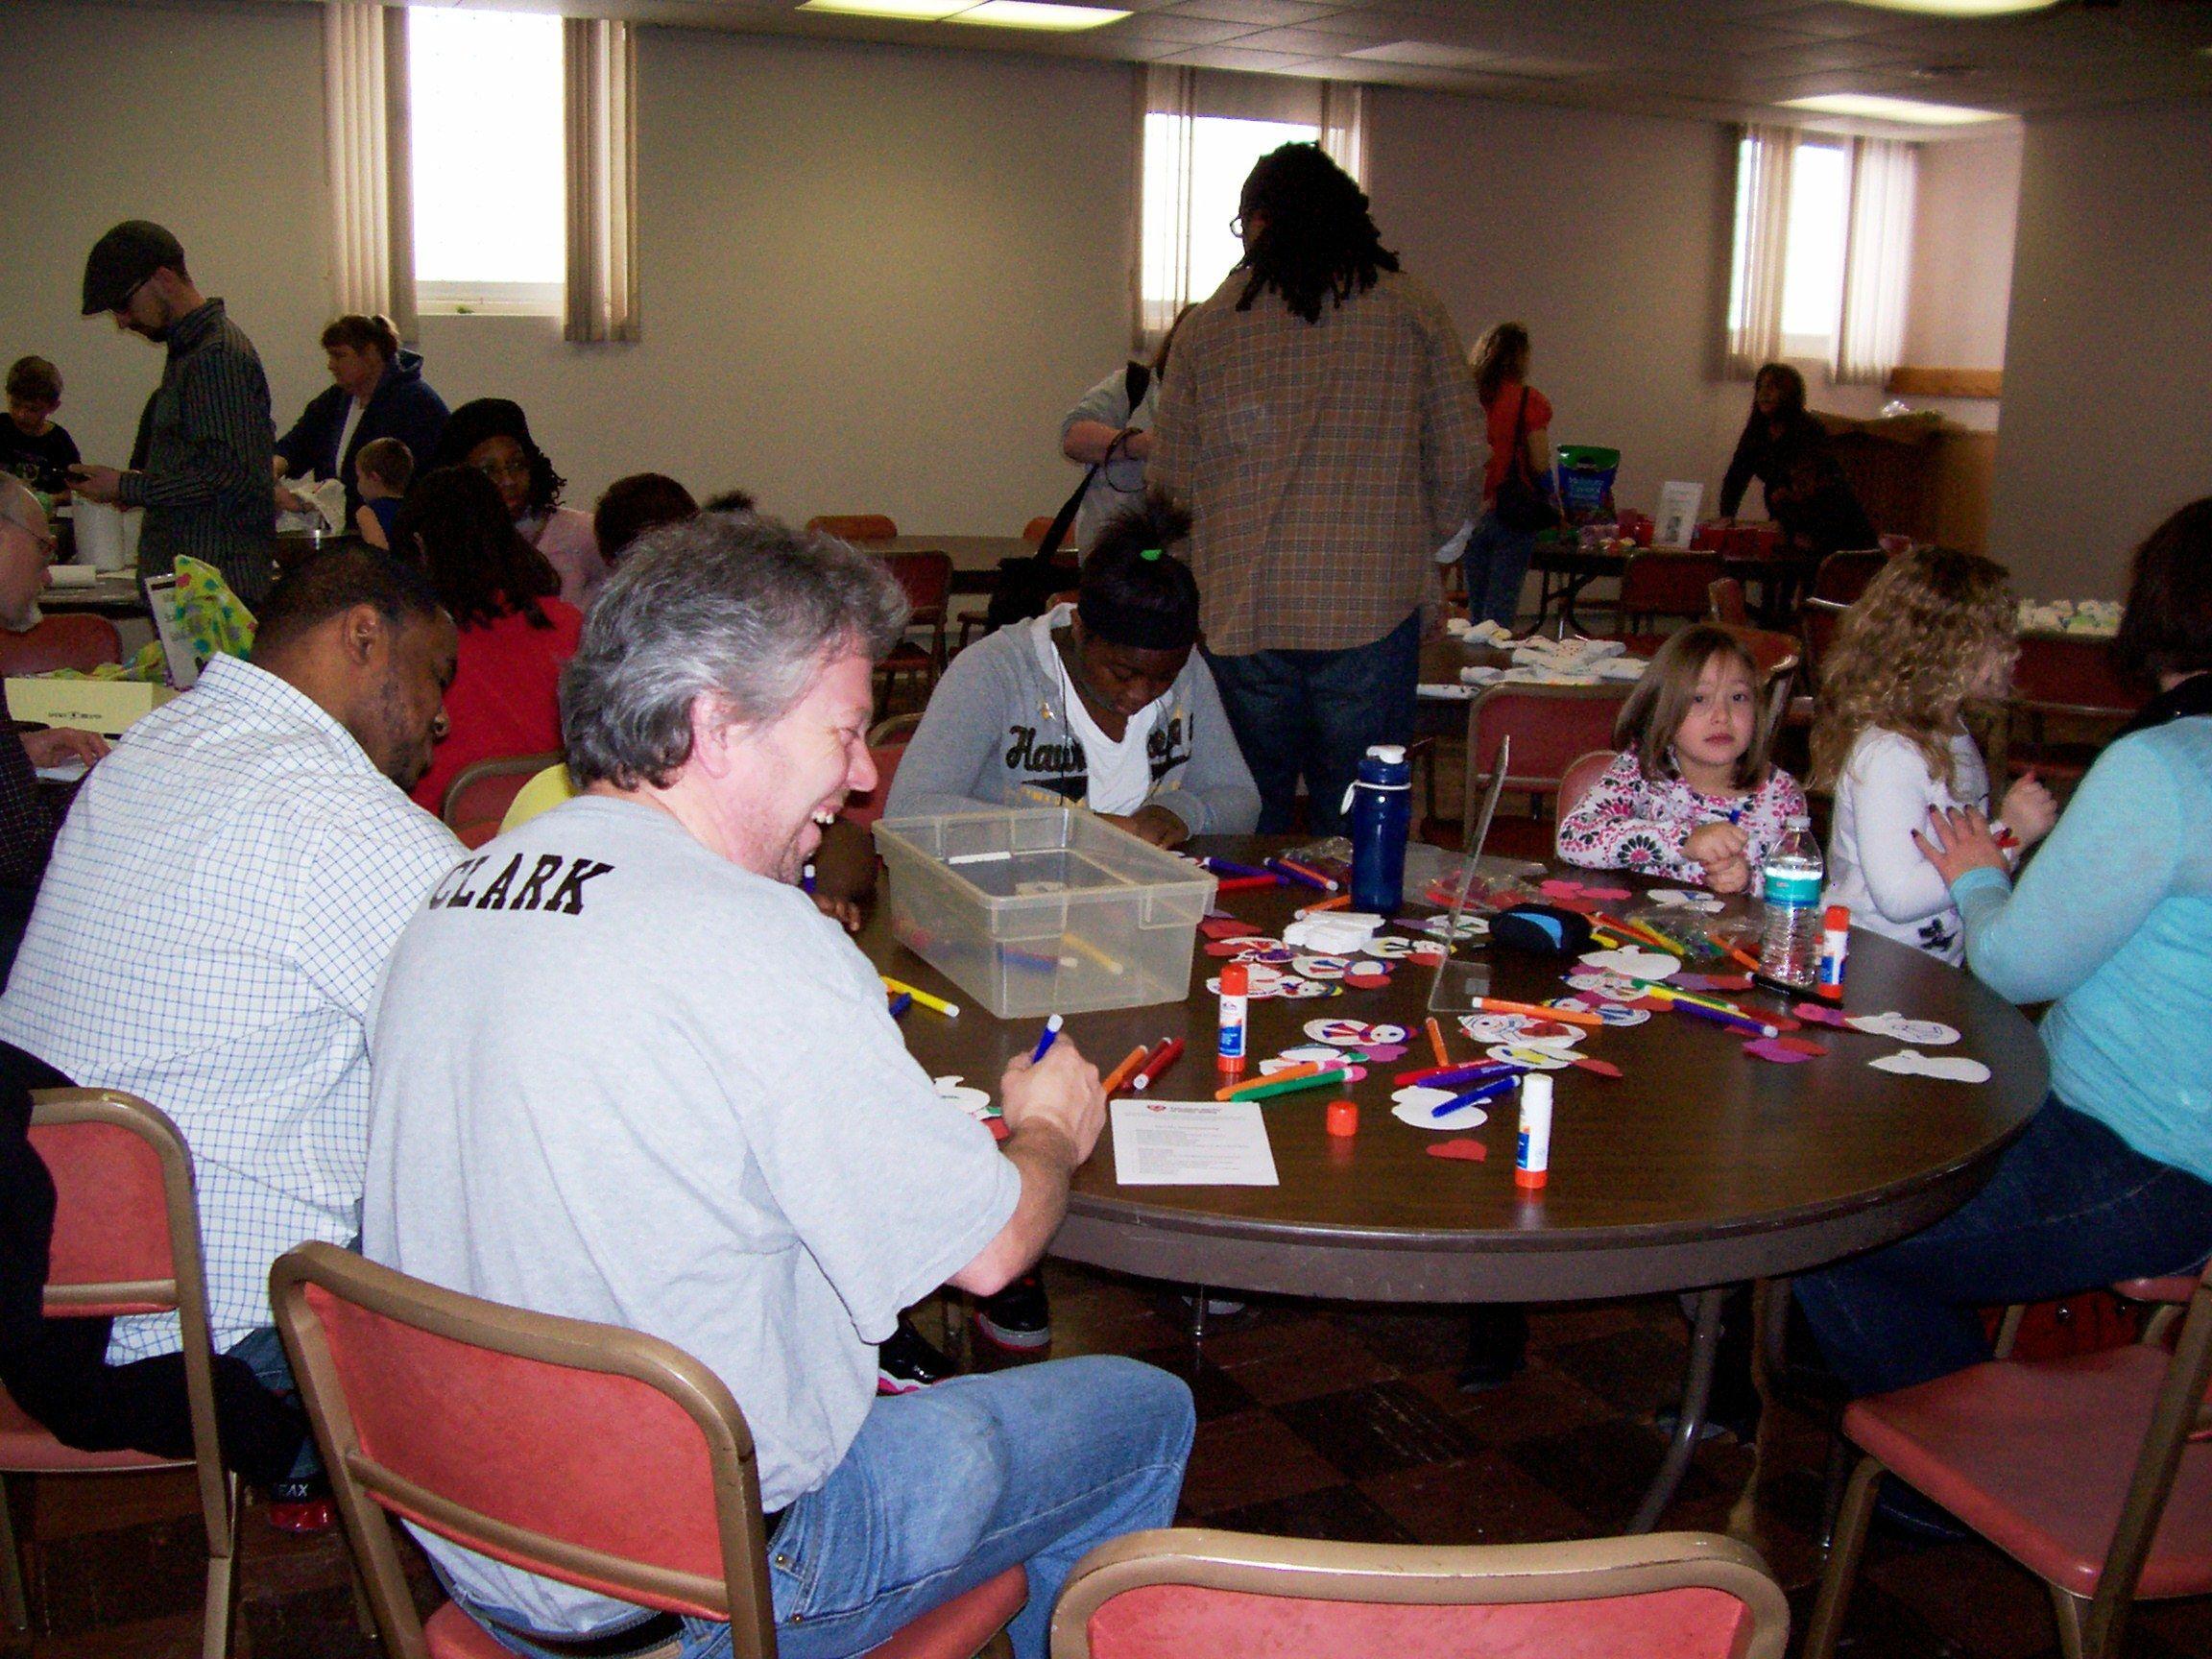 The Volunteer Center of Cedar Valley sponsored a morning